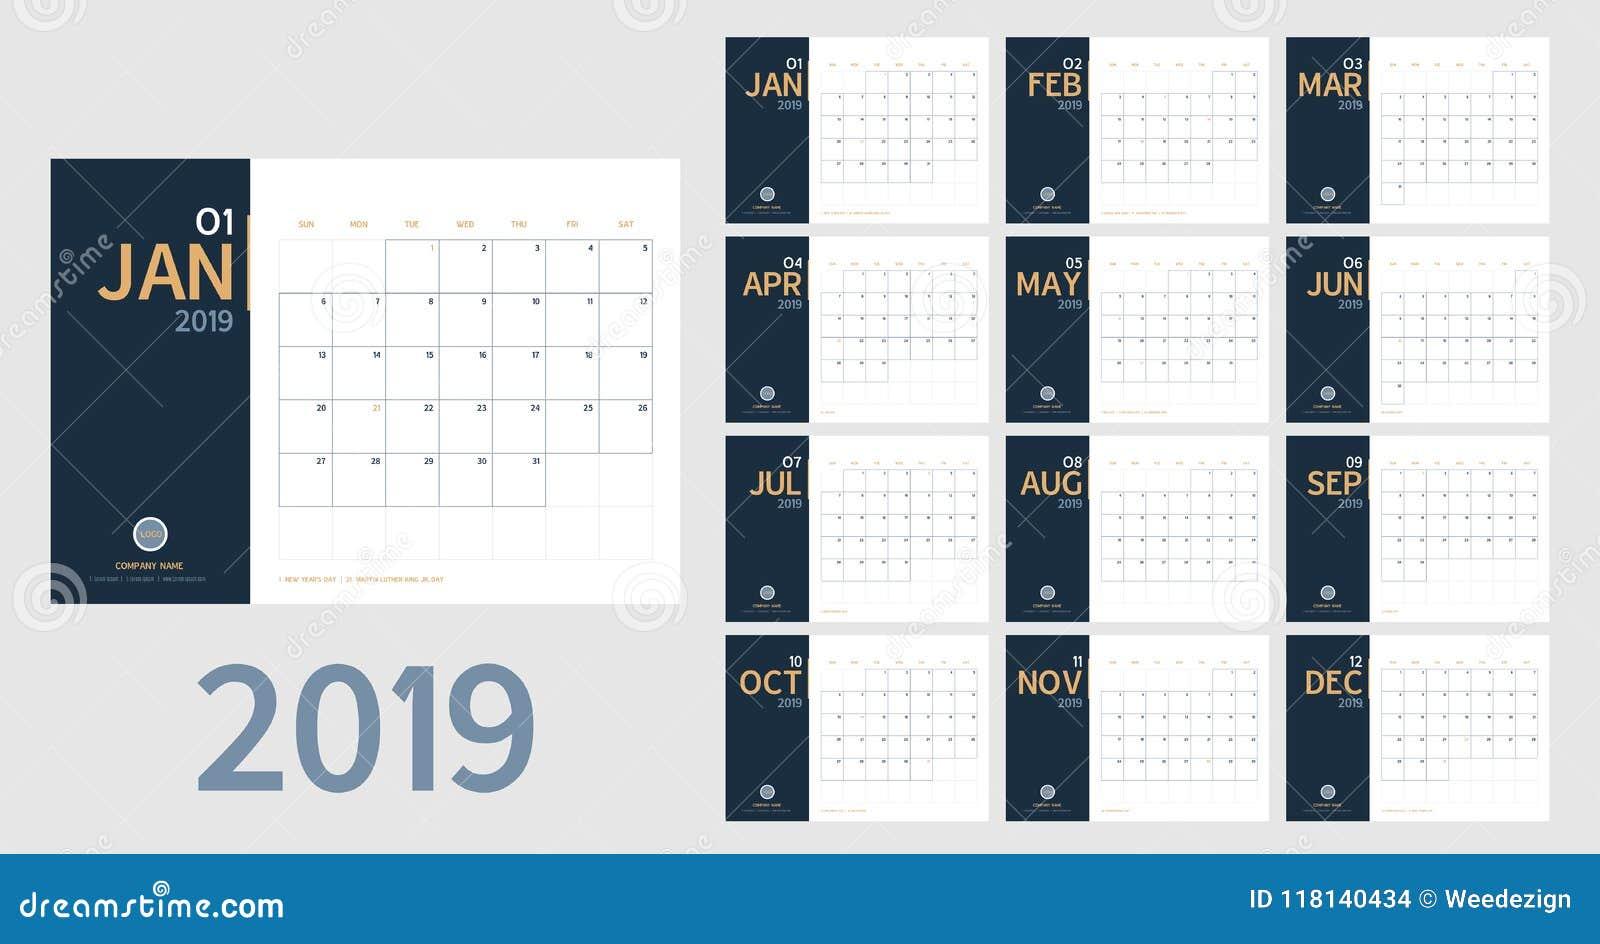 Vetor do calendário do ano 2019 novo na tabela mínima limpa s simples